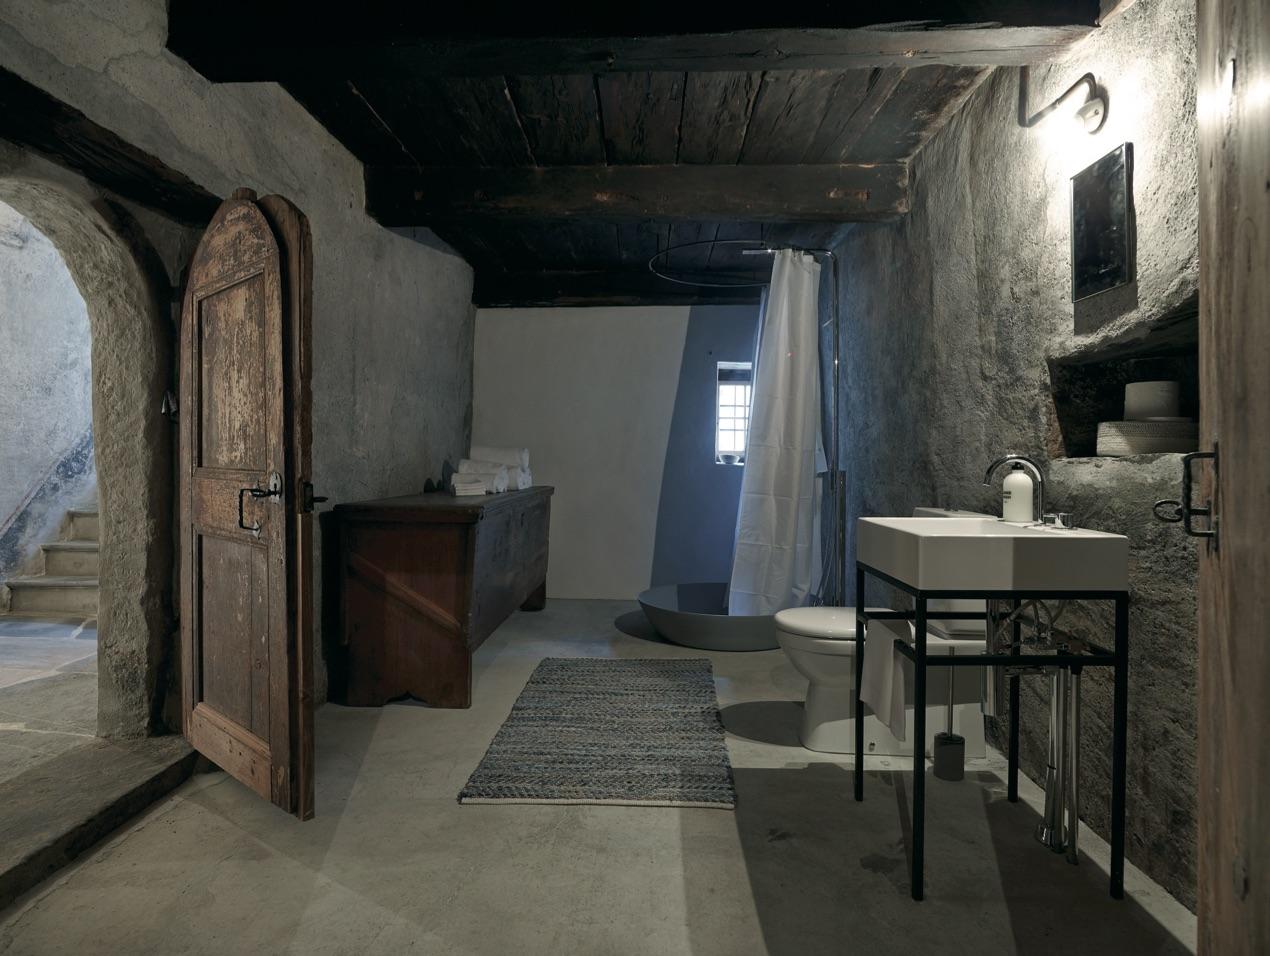 Salle de bain, l\'esprit chalet de montagne revisité façon design